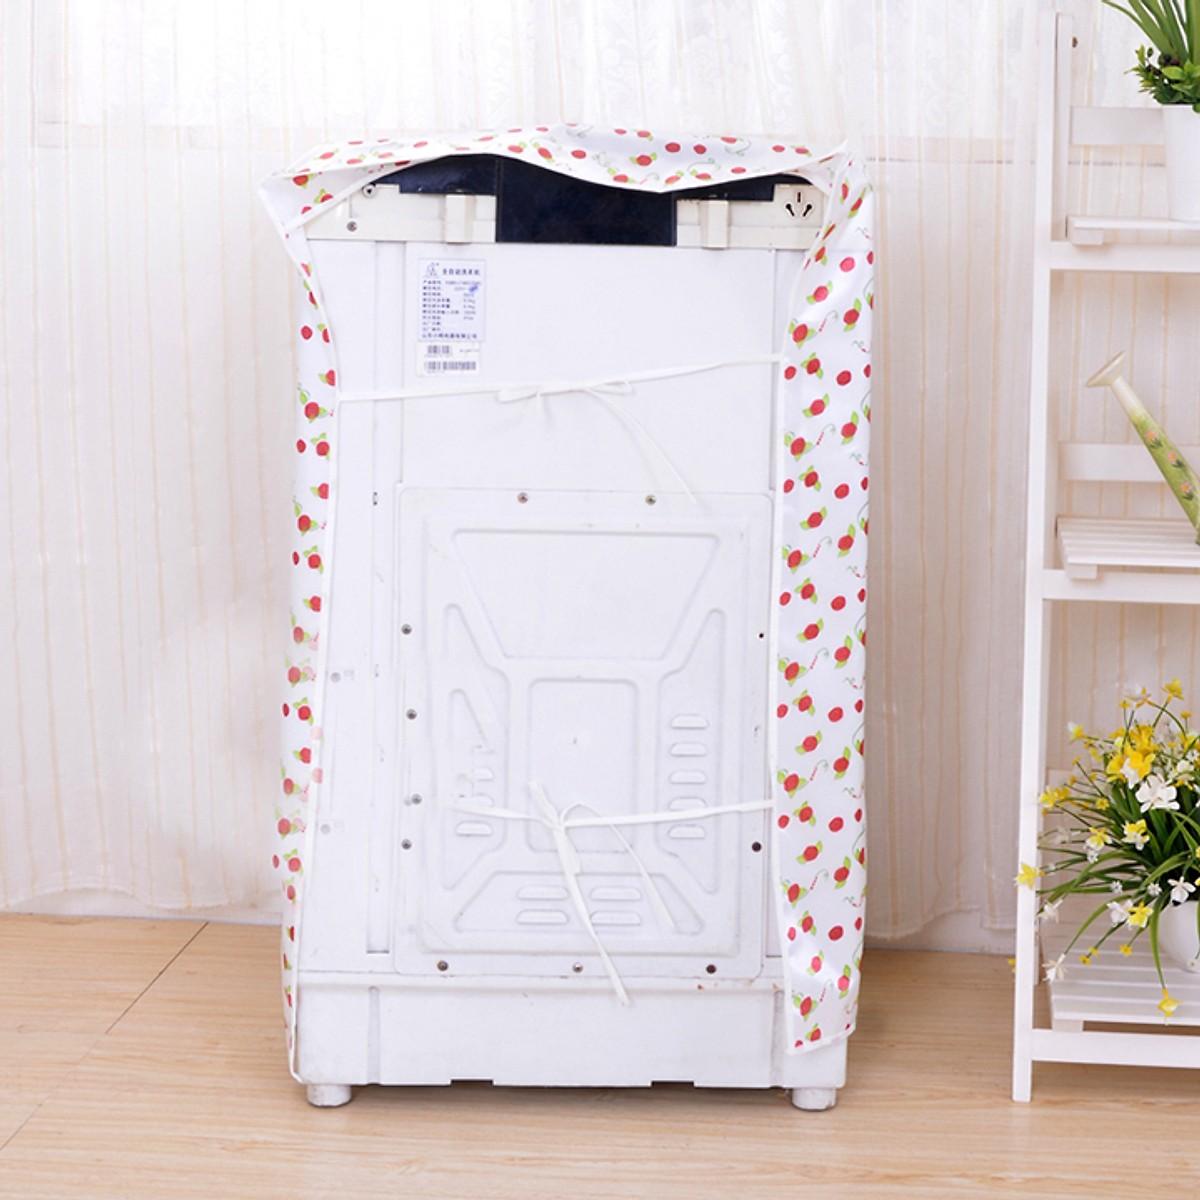 Vỏ bọc bảo vệ máy giặt cửa trên - áo trùm máy giặt lồng đứng loại to dày đẹp Vegas12